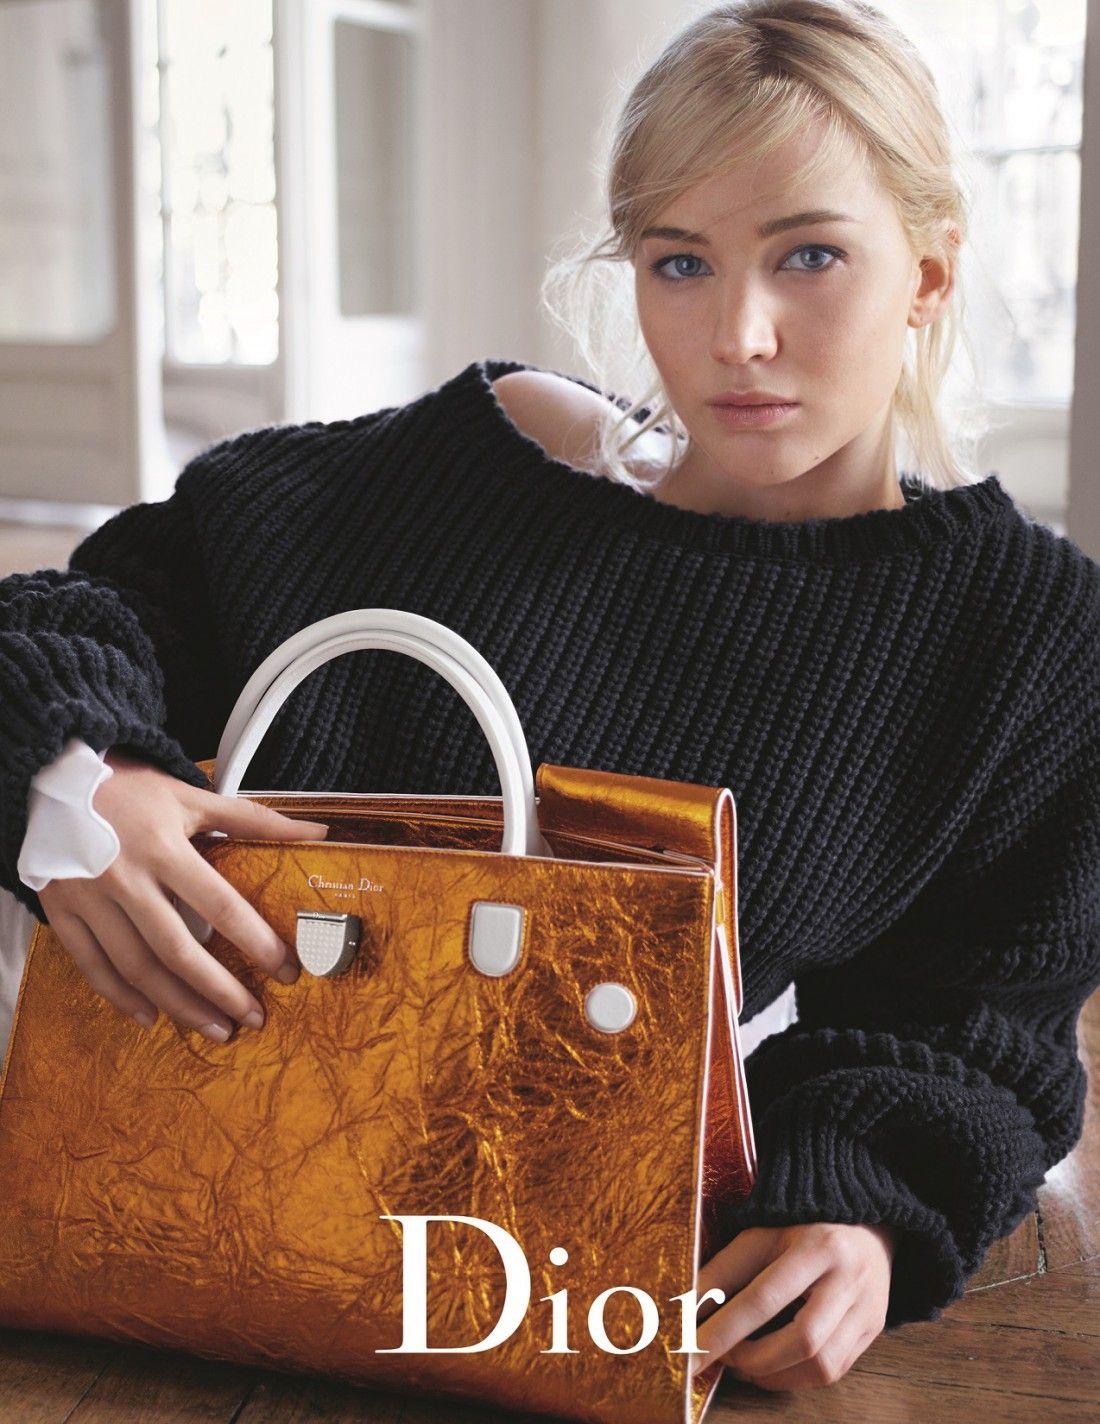 L actrice et égérie Jennifer Lawrence sera l image de la nouvelle campagne  Dior Printemps-Été Photographiée par Mario Sorrenti dans le cadre d un ... 38a9fe7aa71